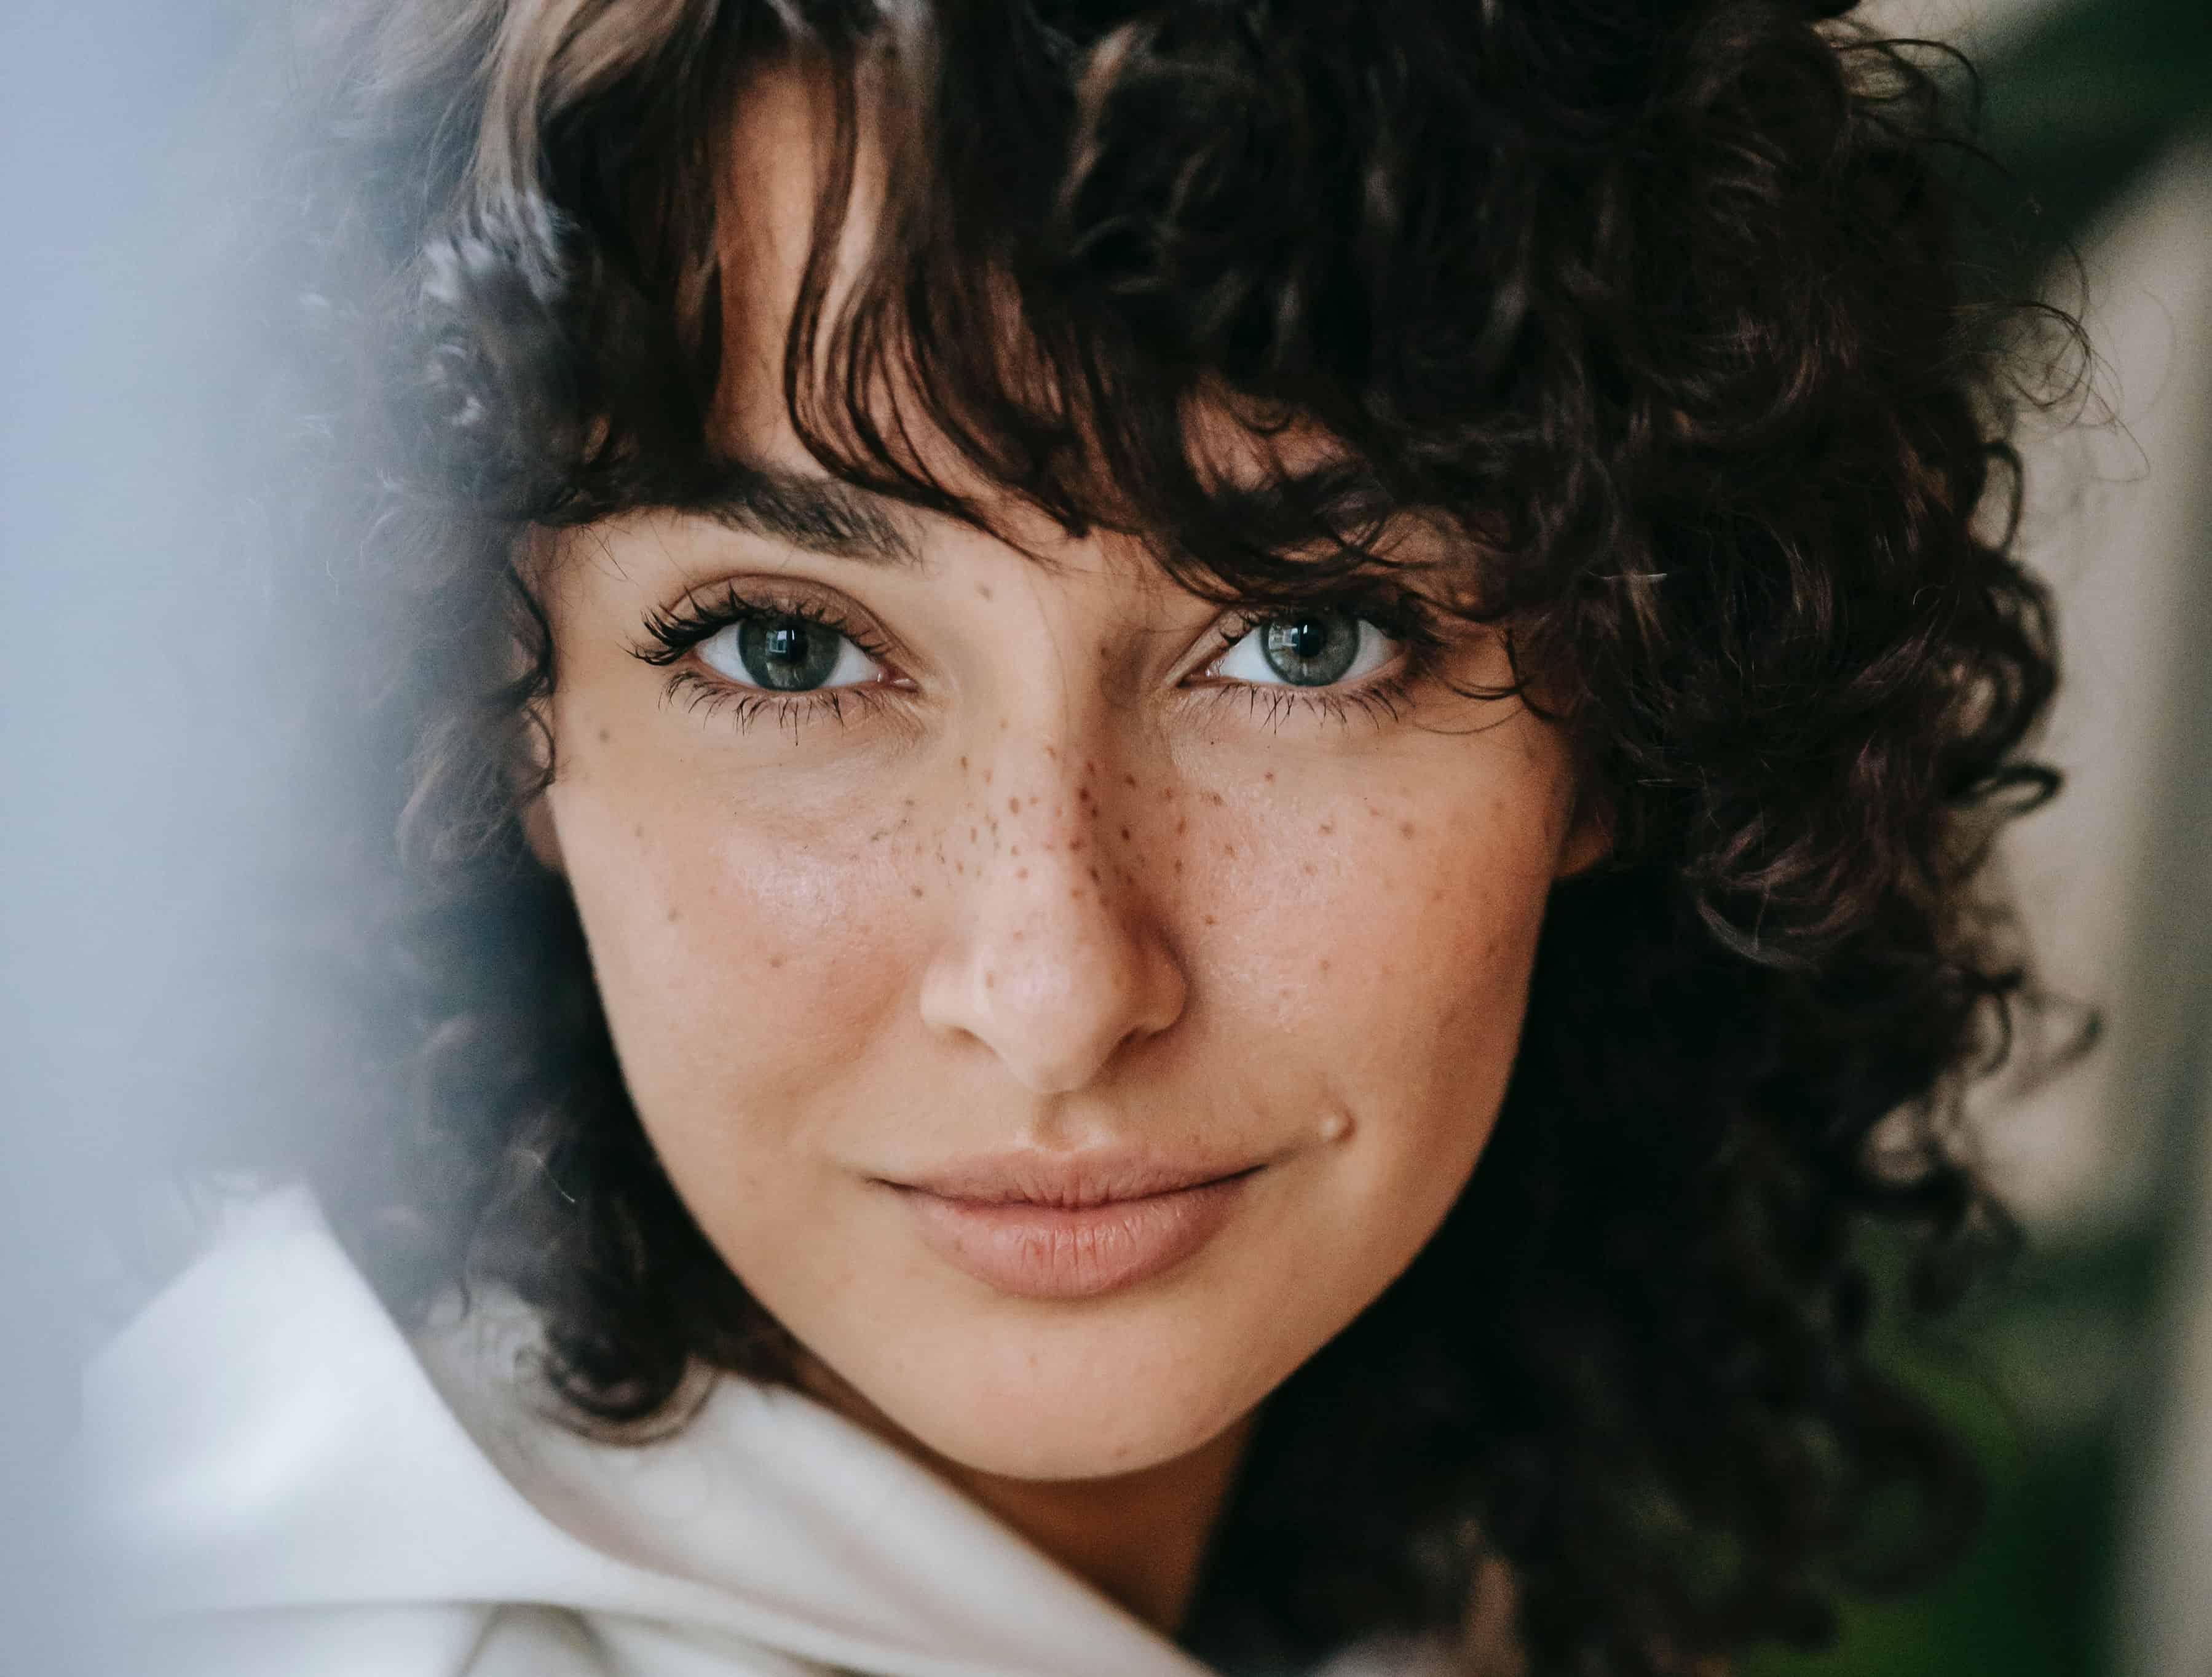 une femme avec des taches de rousseur sur le visage à la confiance